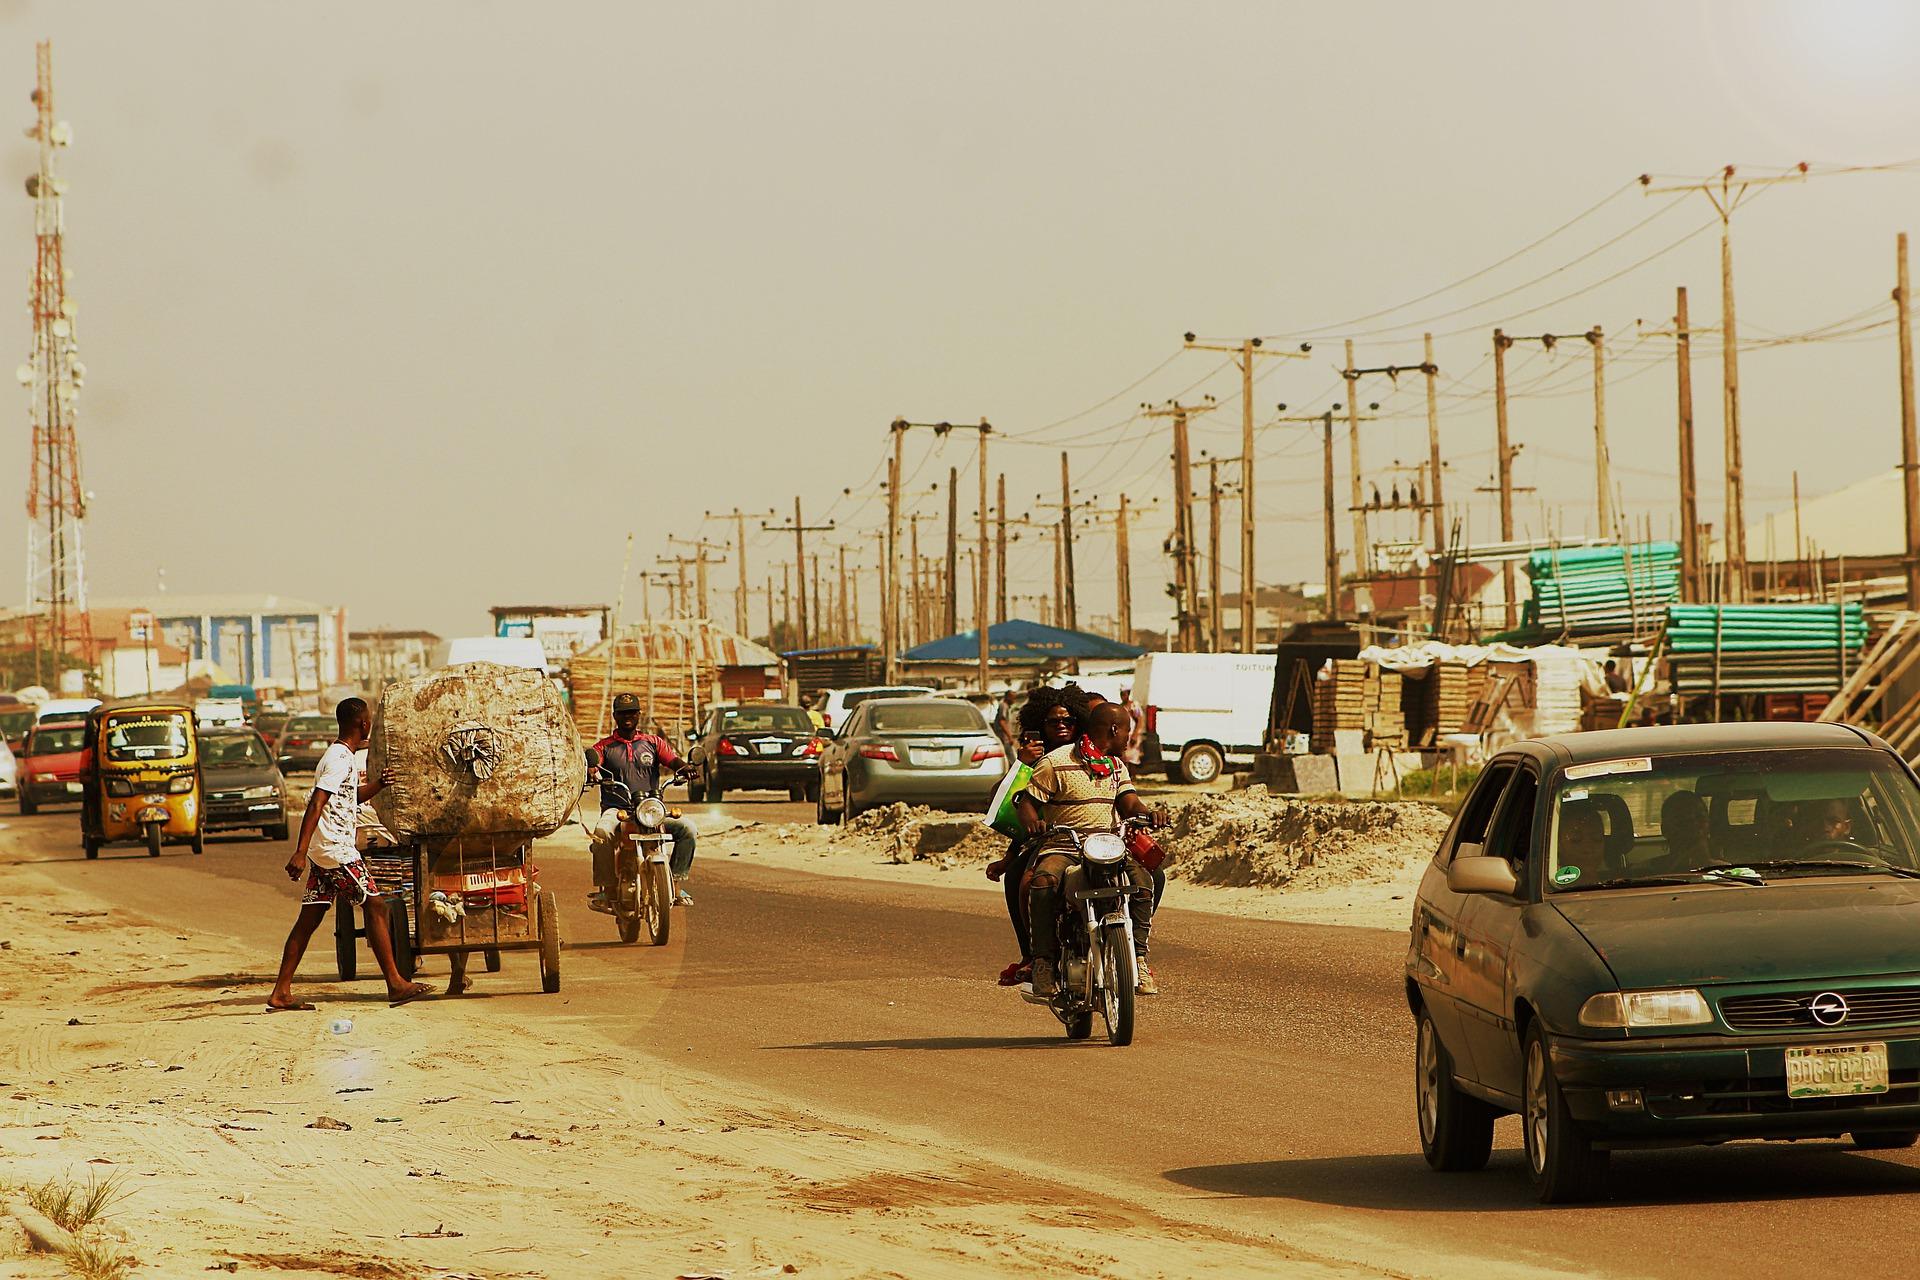 USCIRF condemns persecution in Nigeria